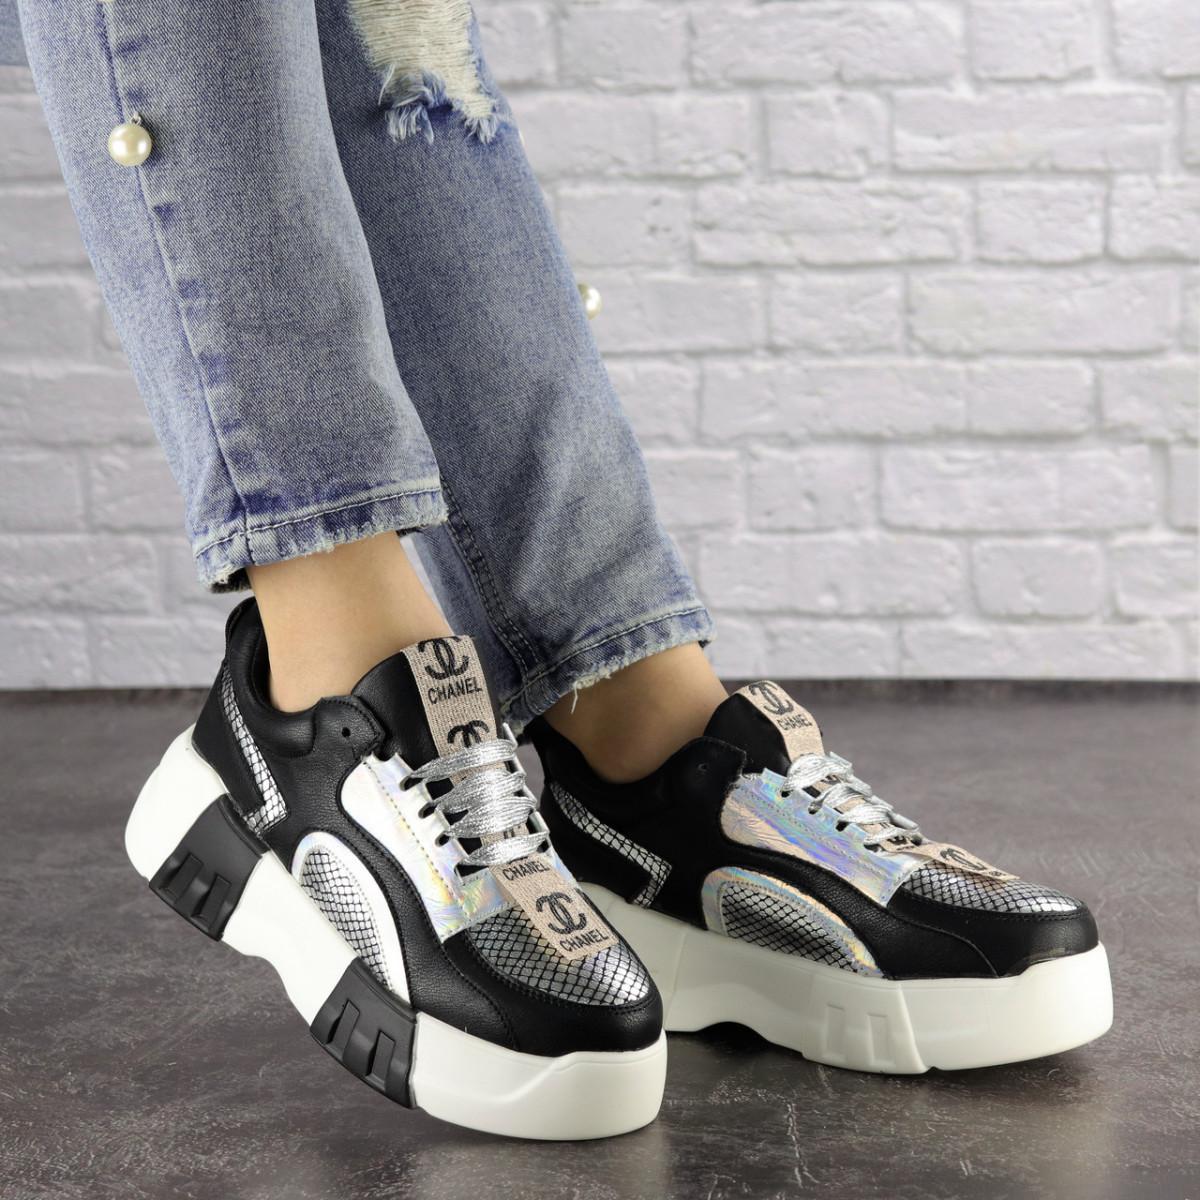 Женские кроссовки Fashion Leroy 1323 37 размер 23,5 см Черный